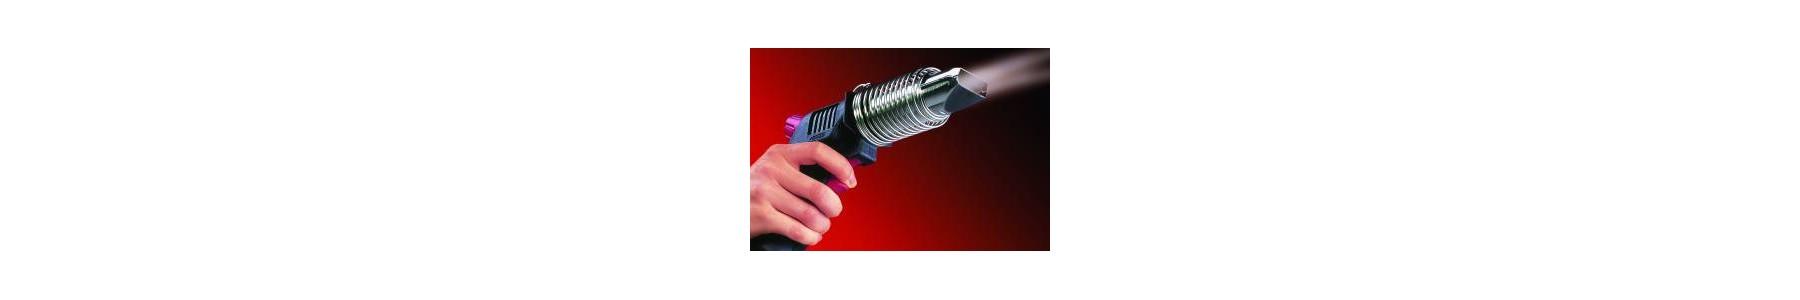 Narzędzia gazowe - Skład Techniczny